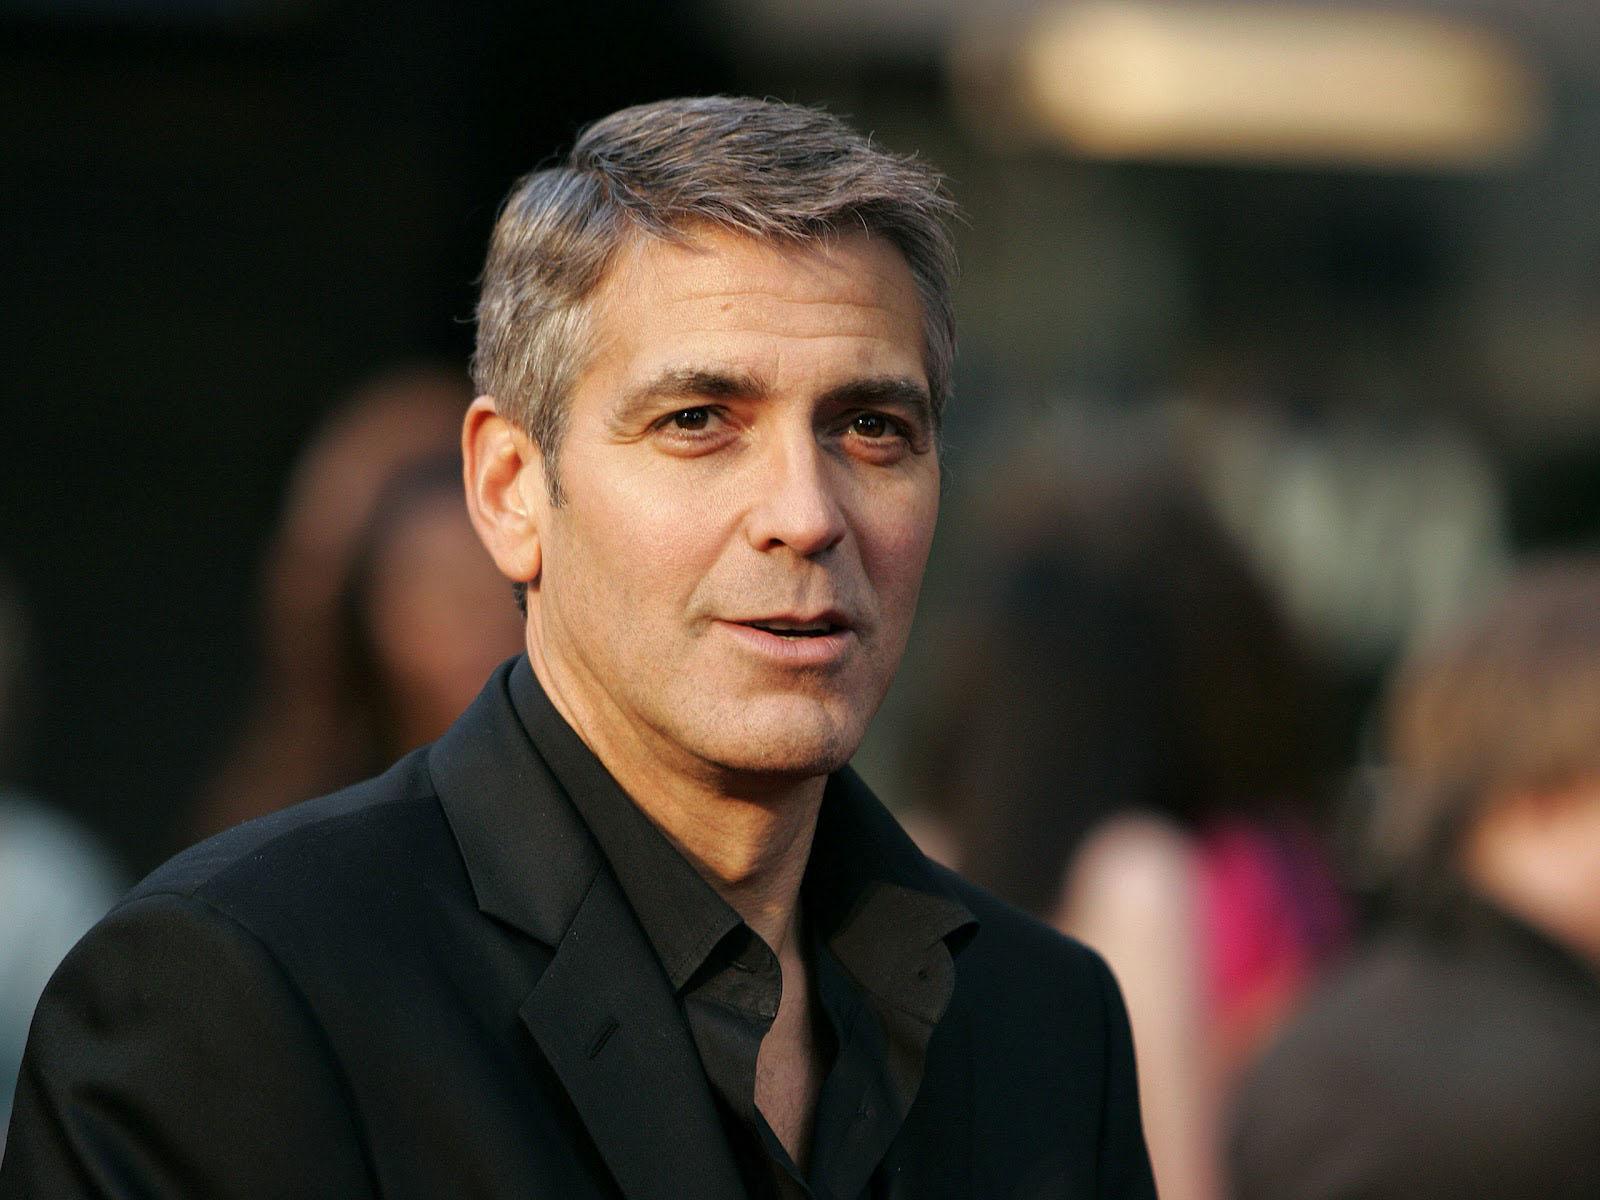 George Clooney Black Suit Wallpaper 617 1600x1200 px 1600x1200